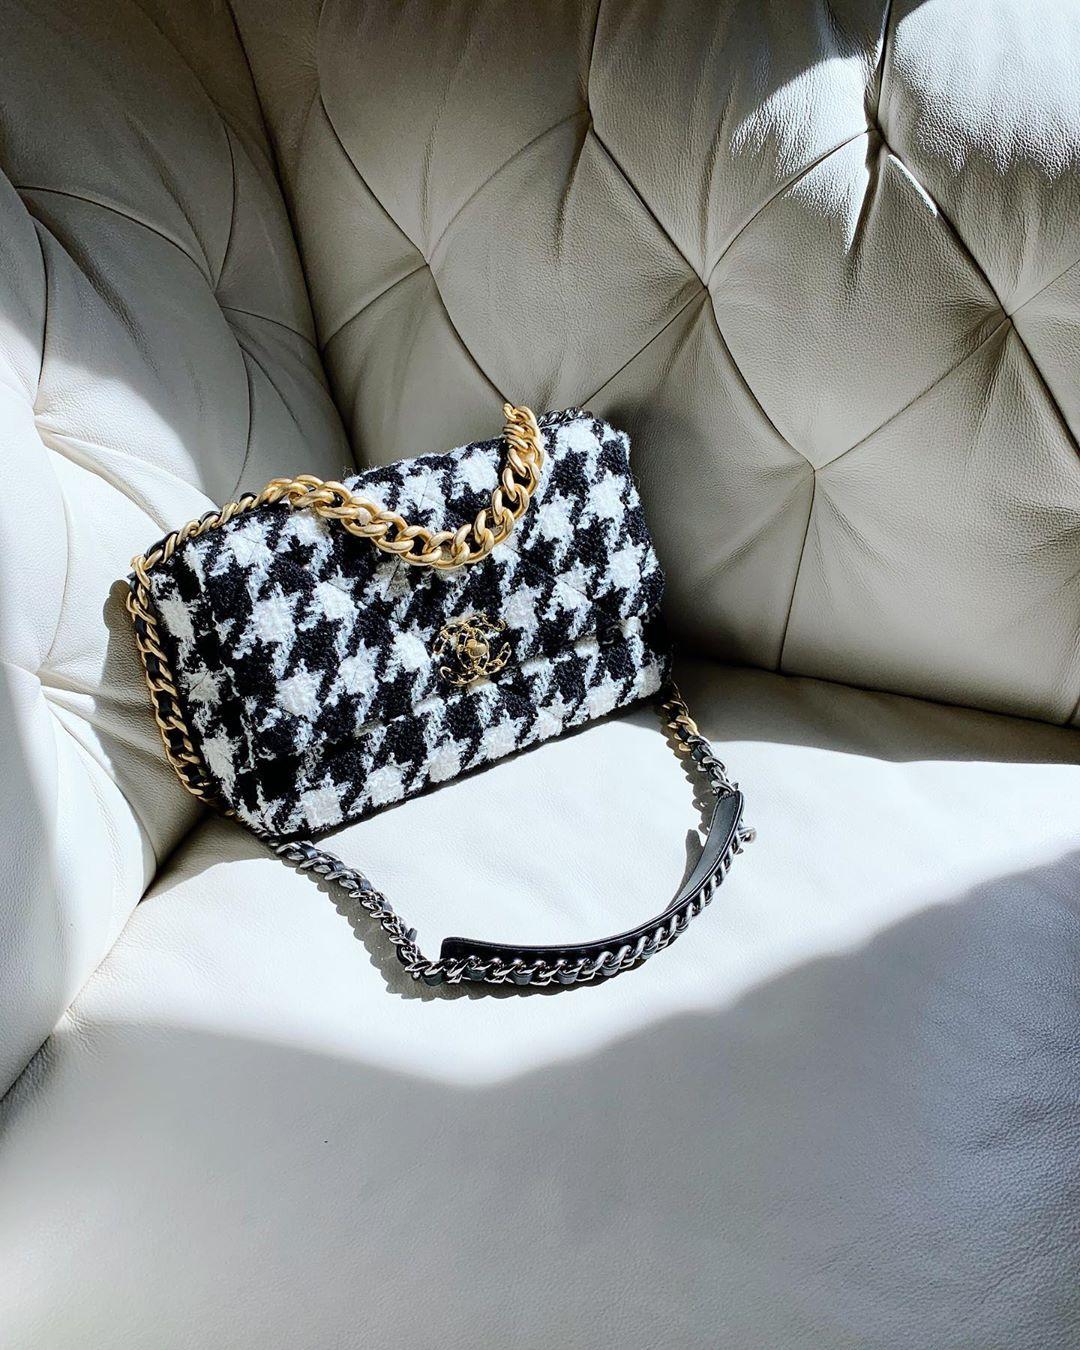 Túi xách Chanel chất liệu tweed